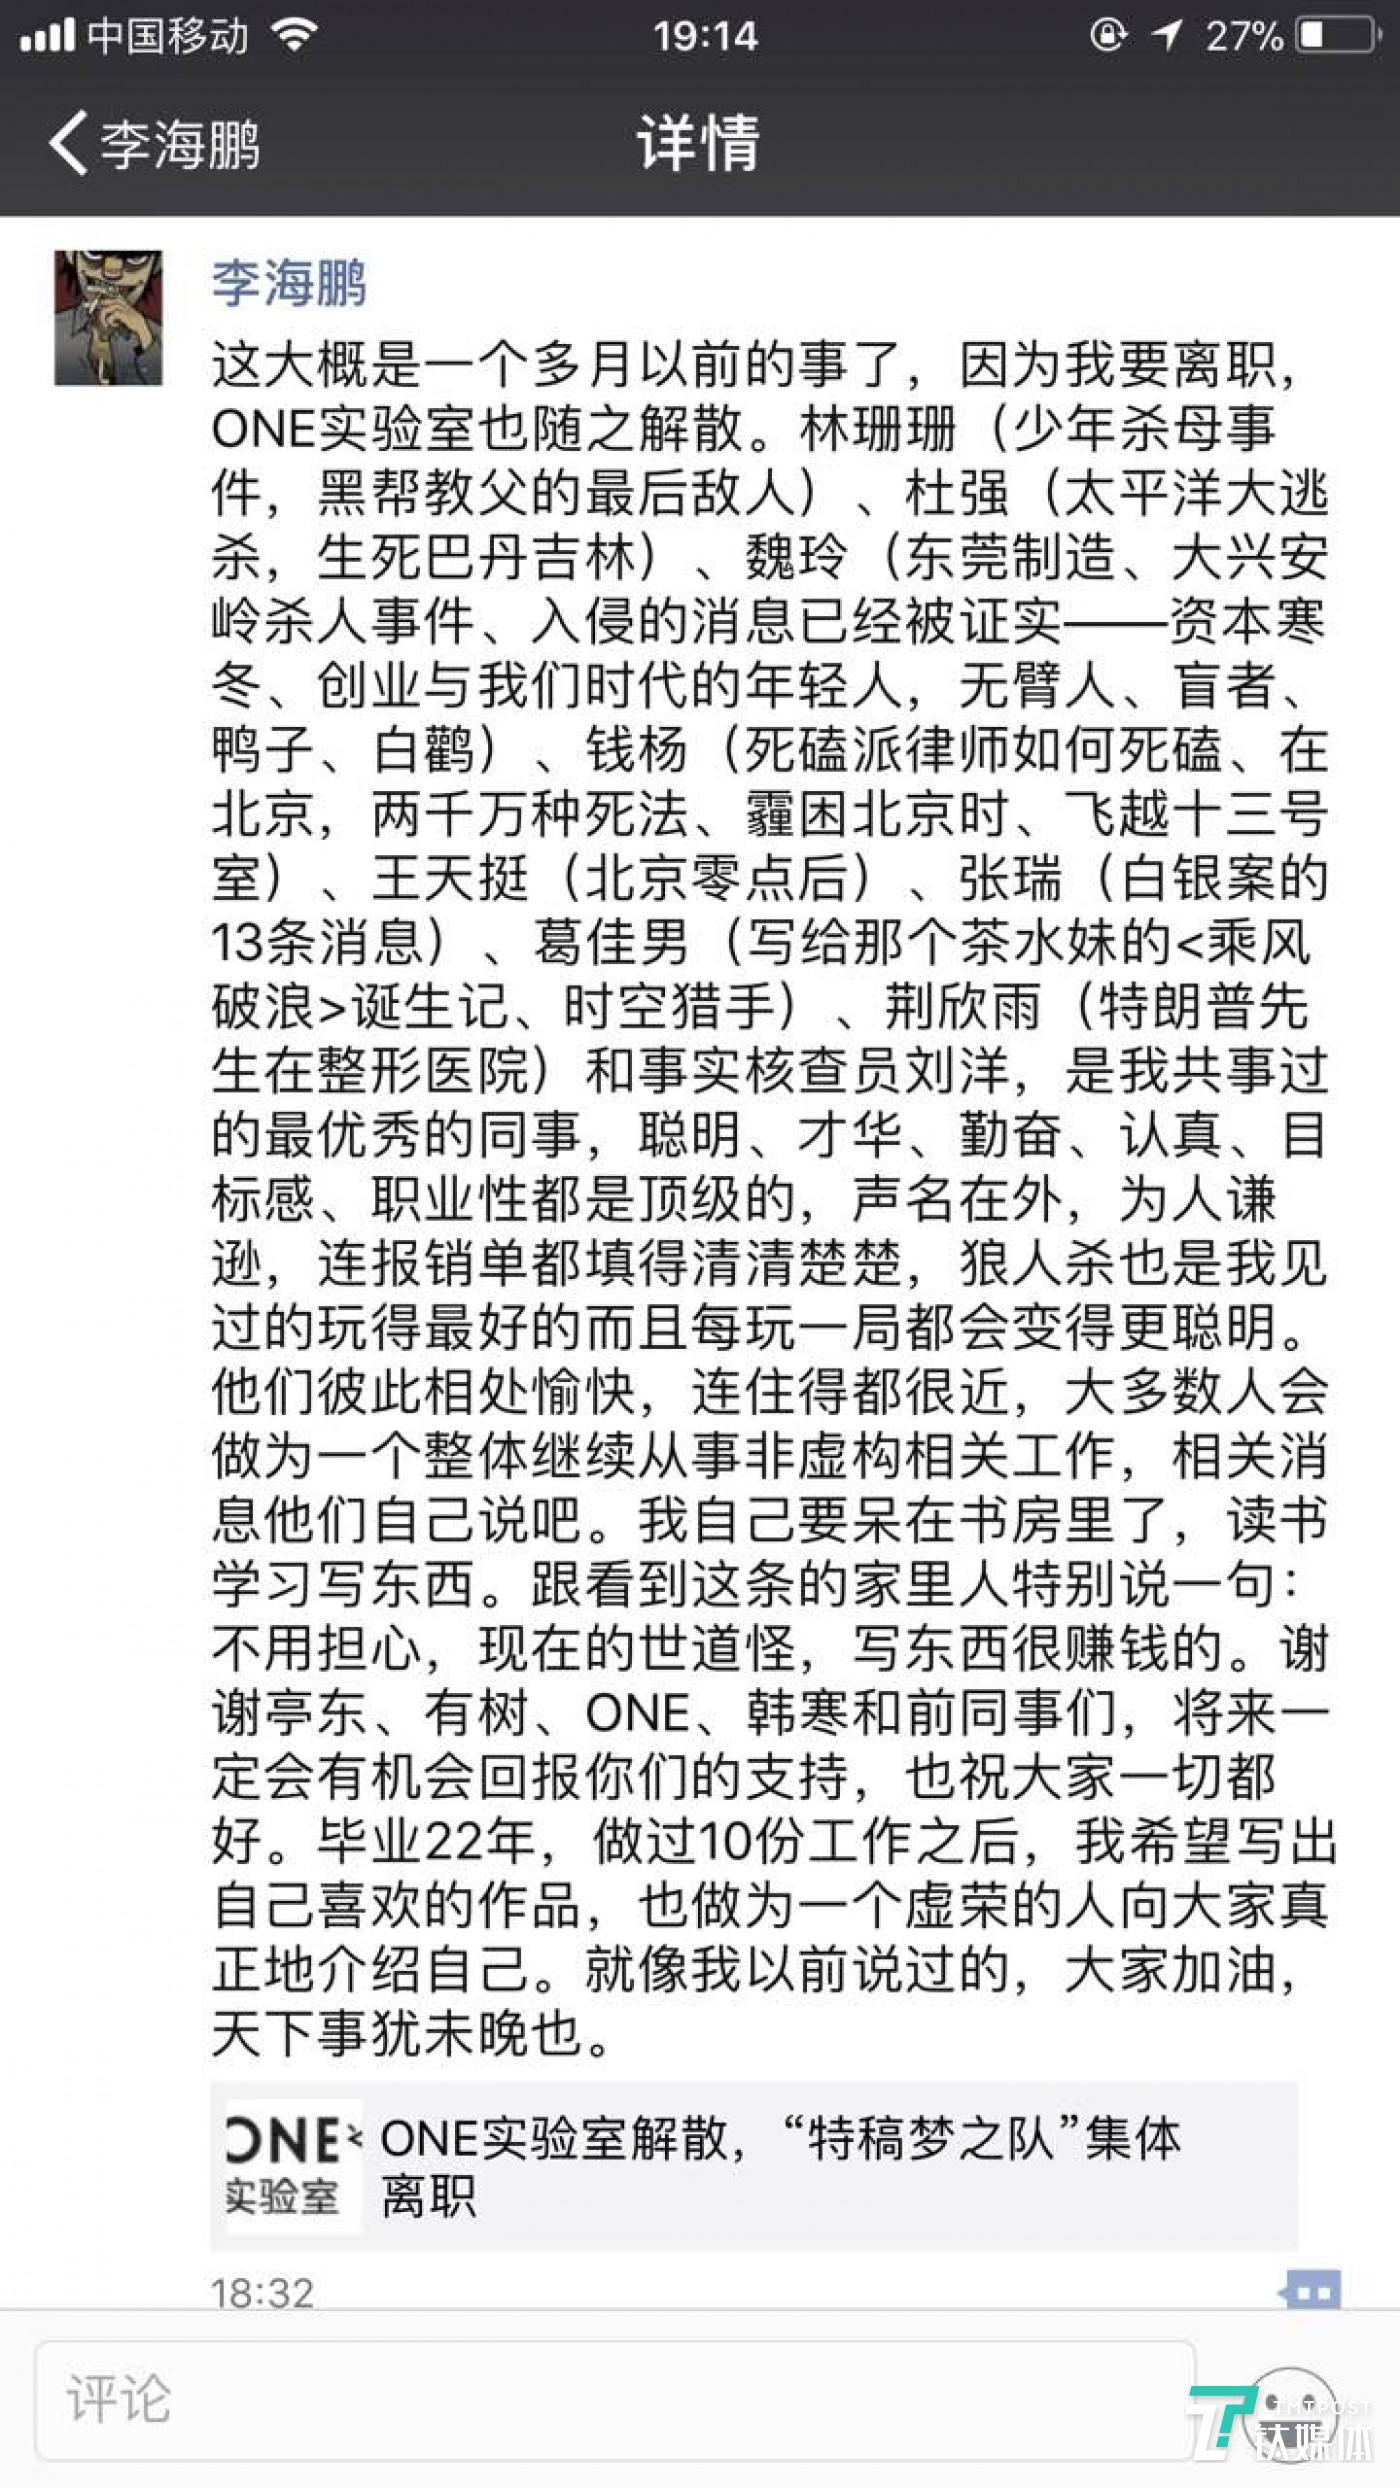 李海鹏在朋友圈发文,表示已于一个月前离职亭东文化。